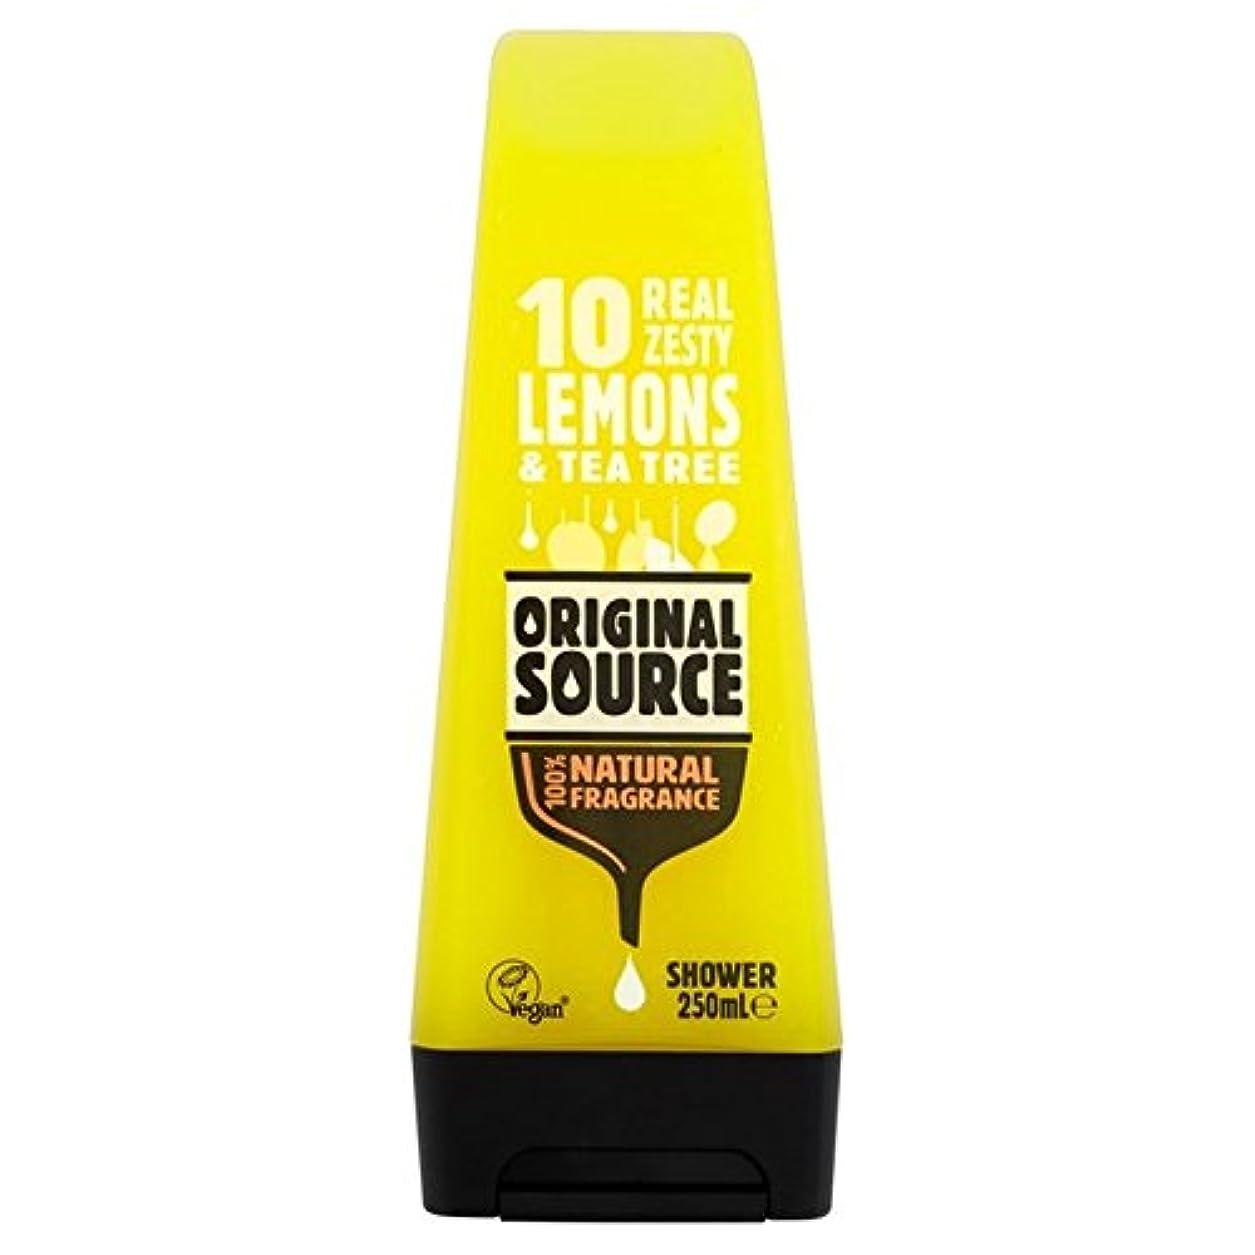 同級生洞察力シチリアOriginal Source Lemon Shower Gel 250ml - 元のソースのレモンシャワージェル250ミリリットル [並行輸入品]